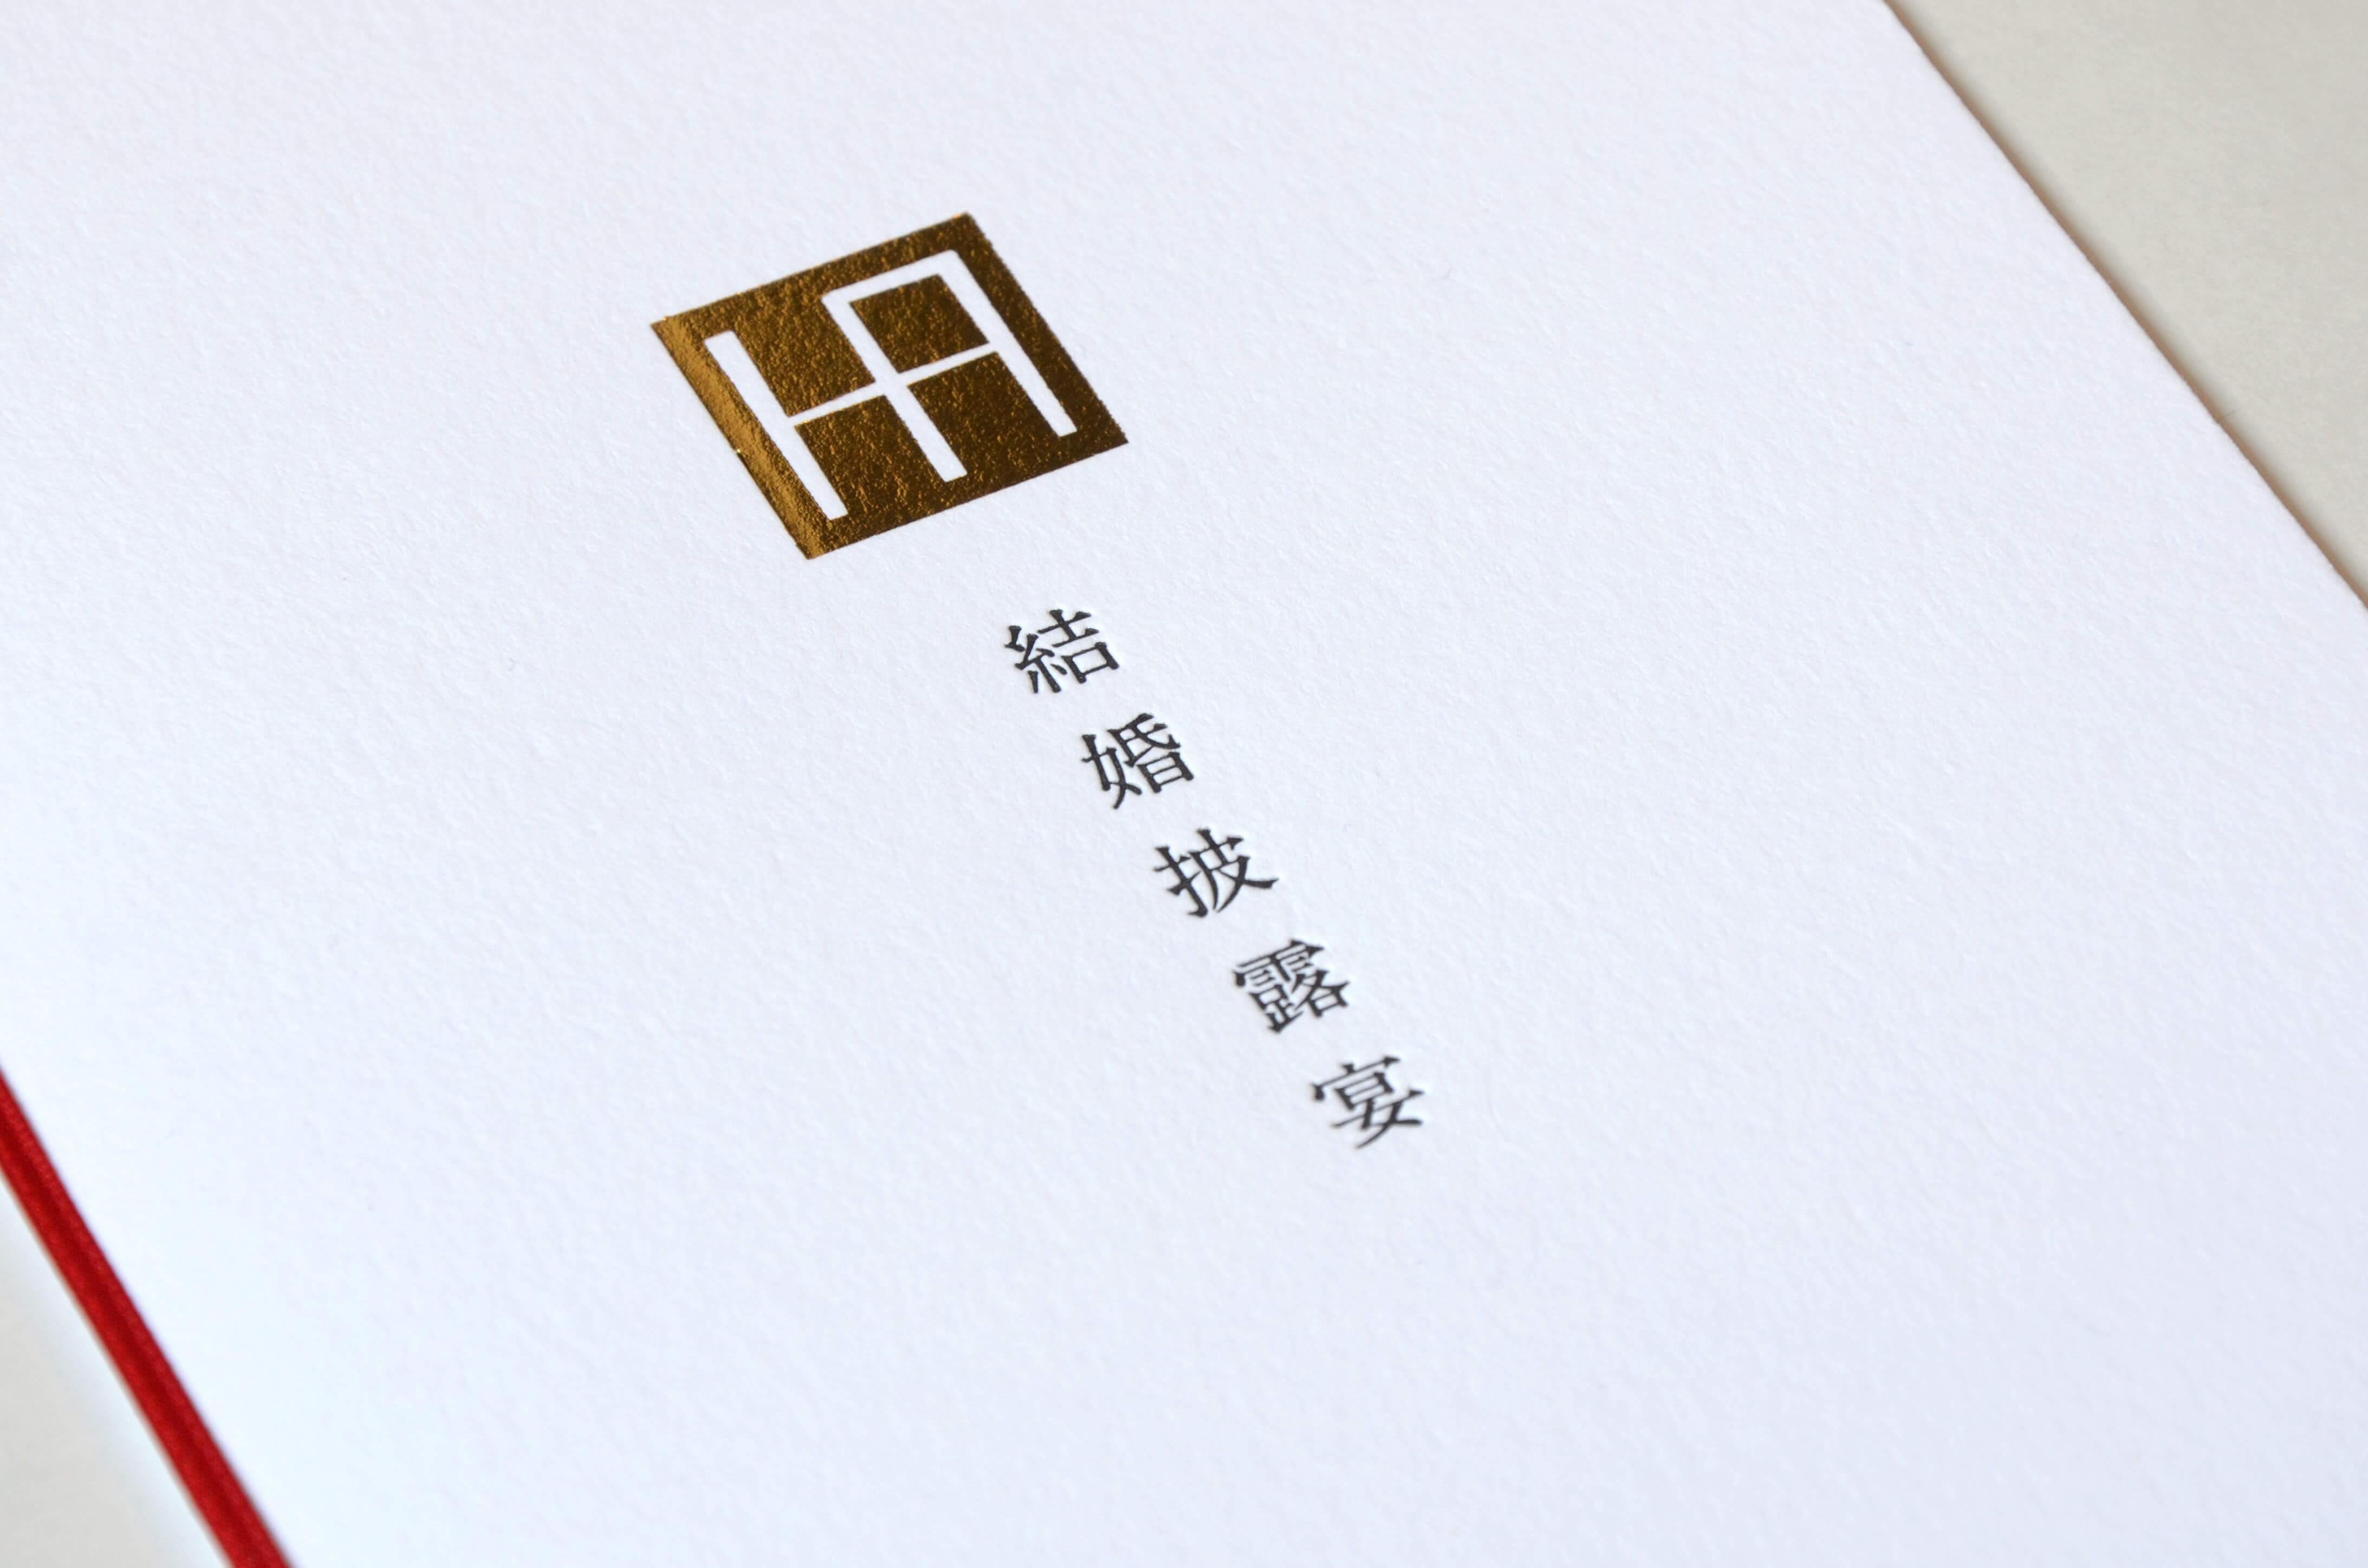 活版印刷・箔押し加工による、コットンペーパーの結婚式の席次表②